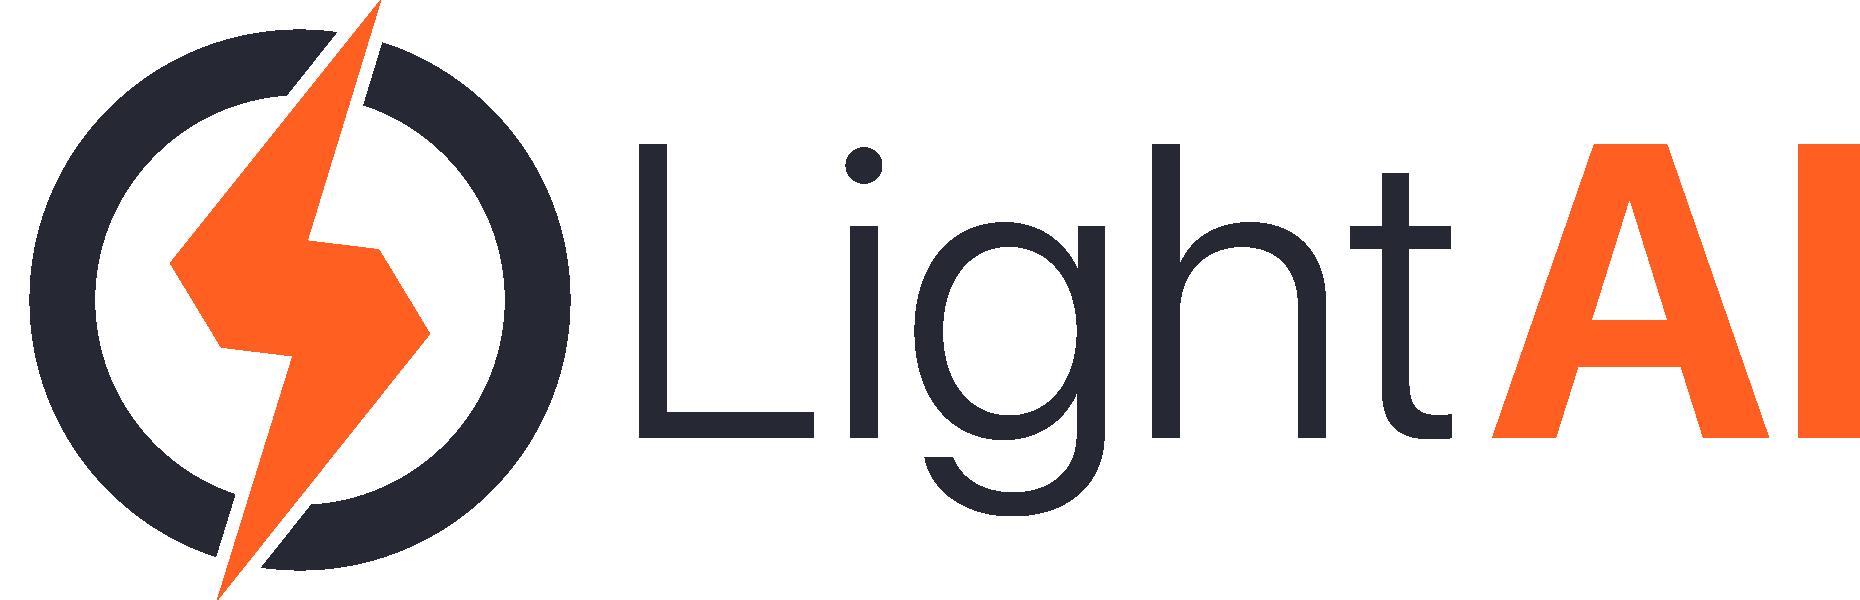 https://builder.stackedsite.com/wp-content/uploads/sites/574/2019/06/lighting.png